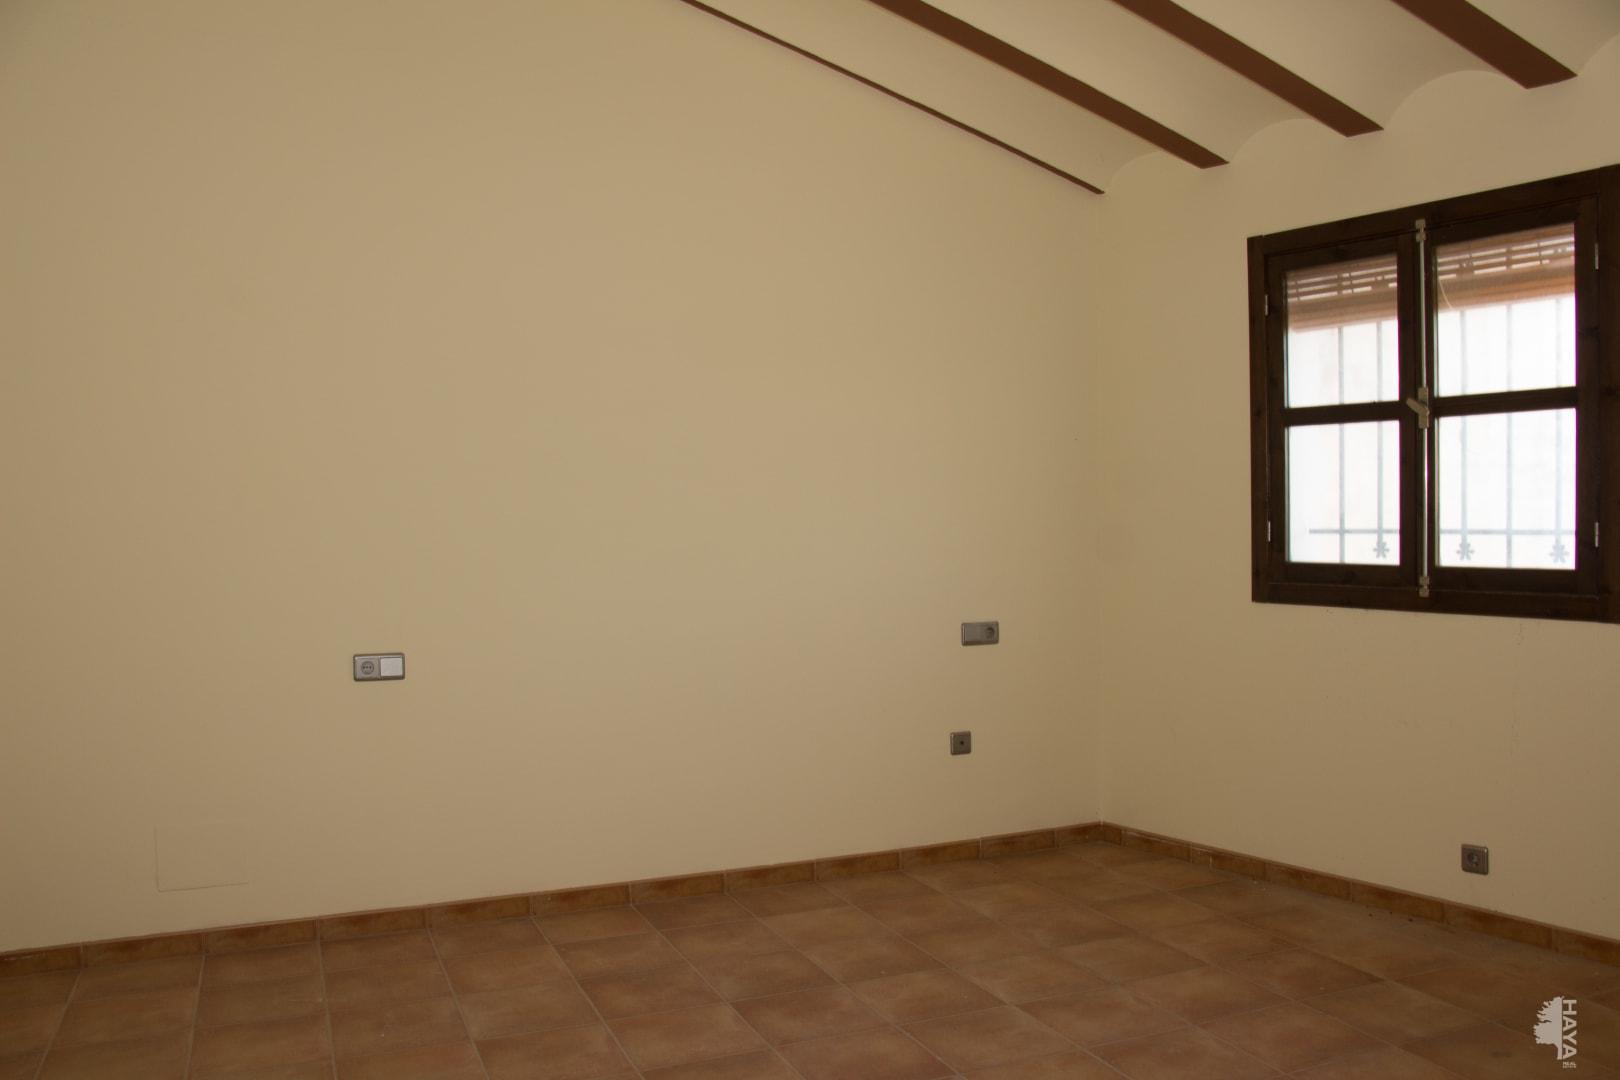 Casa en venta en Casa en Bullas, Murcia, 107.349 €, 3 habitaciones, 6 baños, 116 m2, Garaje